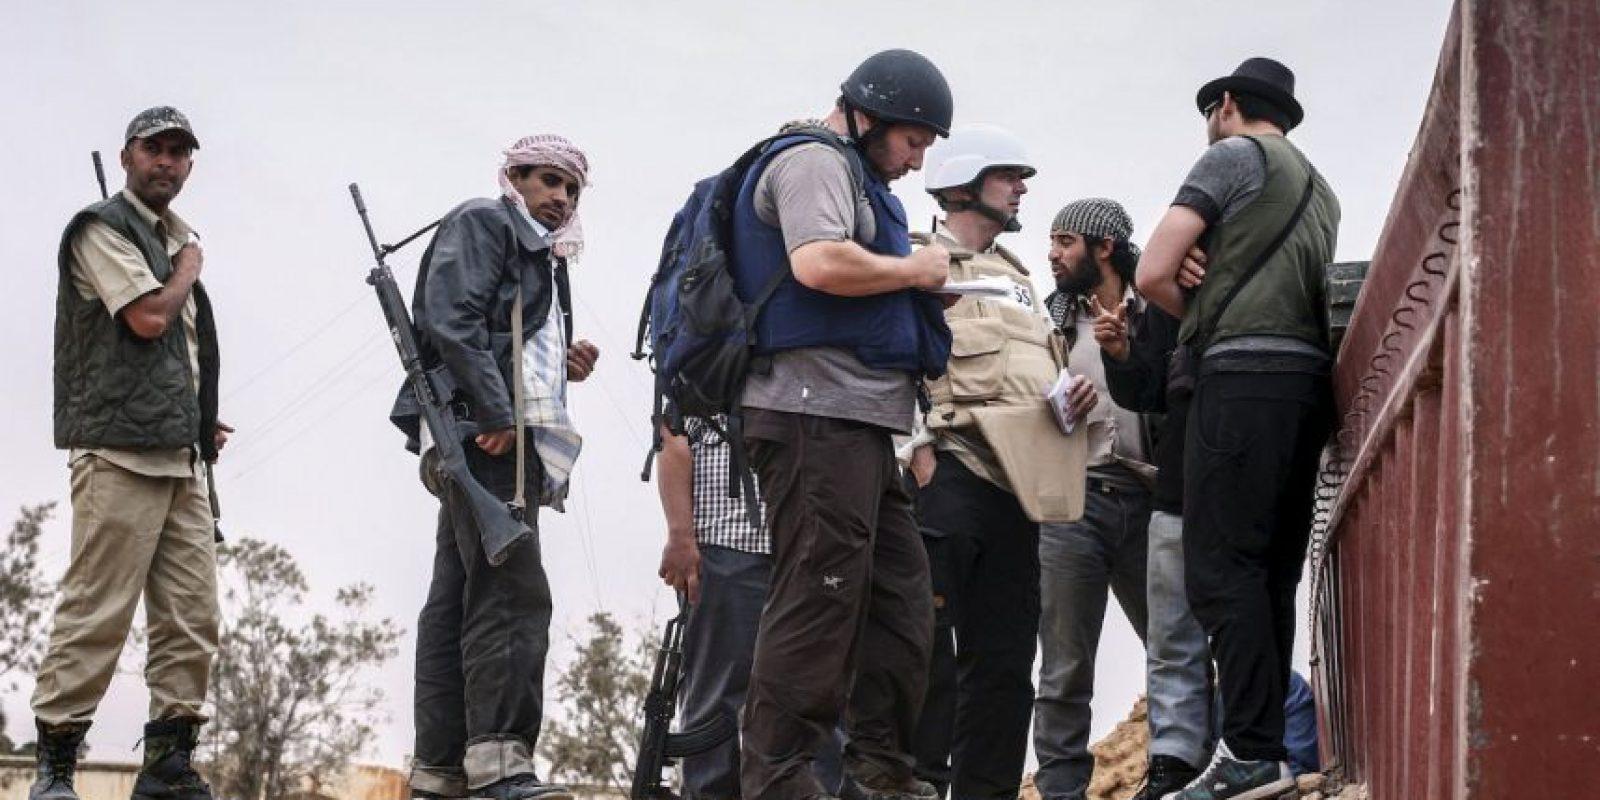 El periodista Steven Sotloff también fue decapitado por el grupo terrorista. Foto:Getty